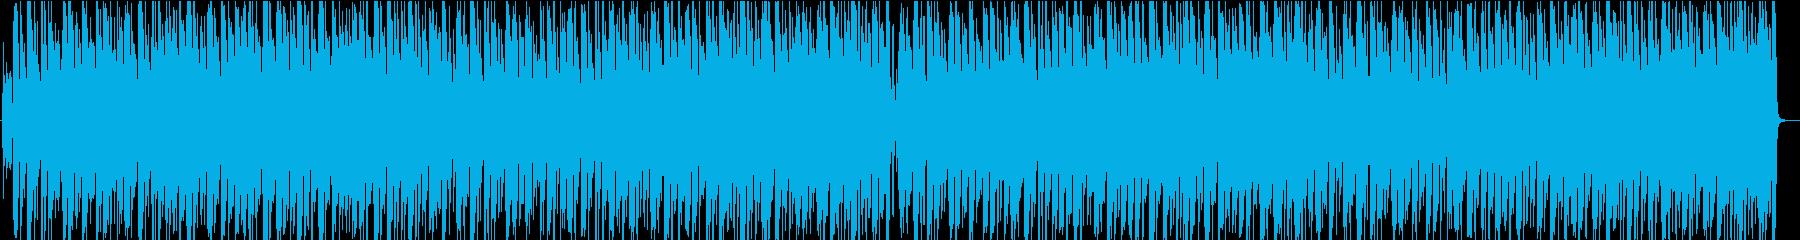 ワイワイ楽しいカントリーBGMの再生済みの波形